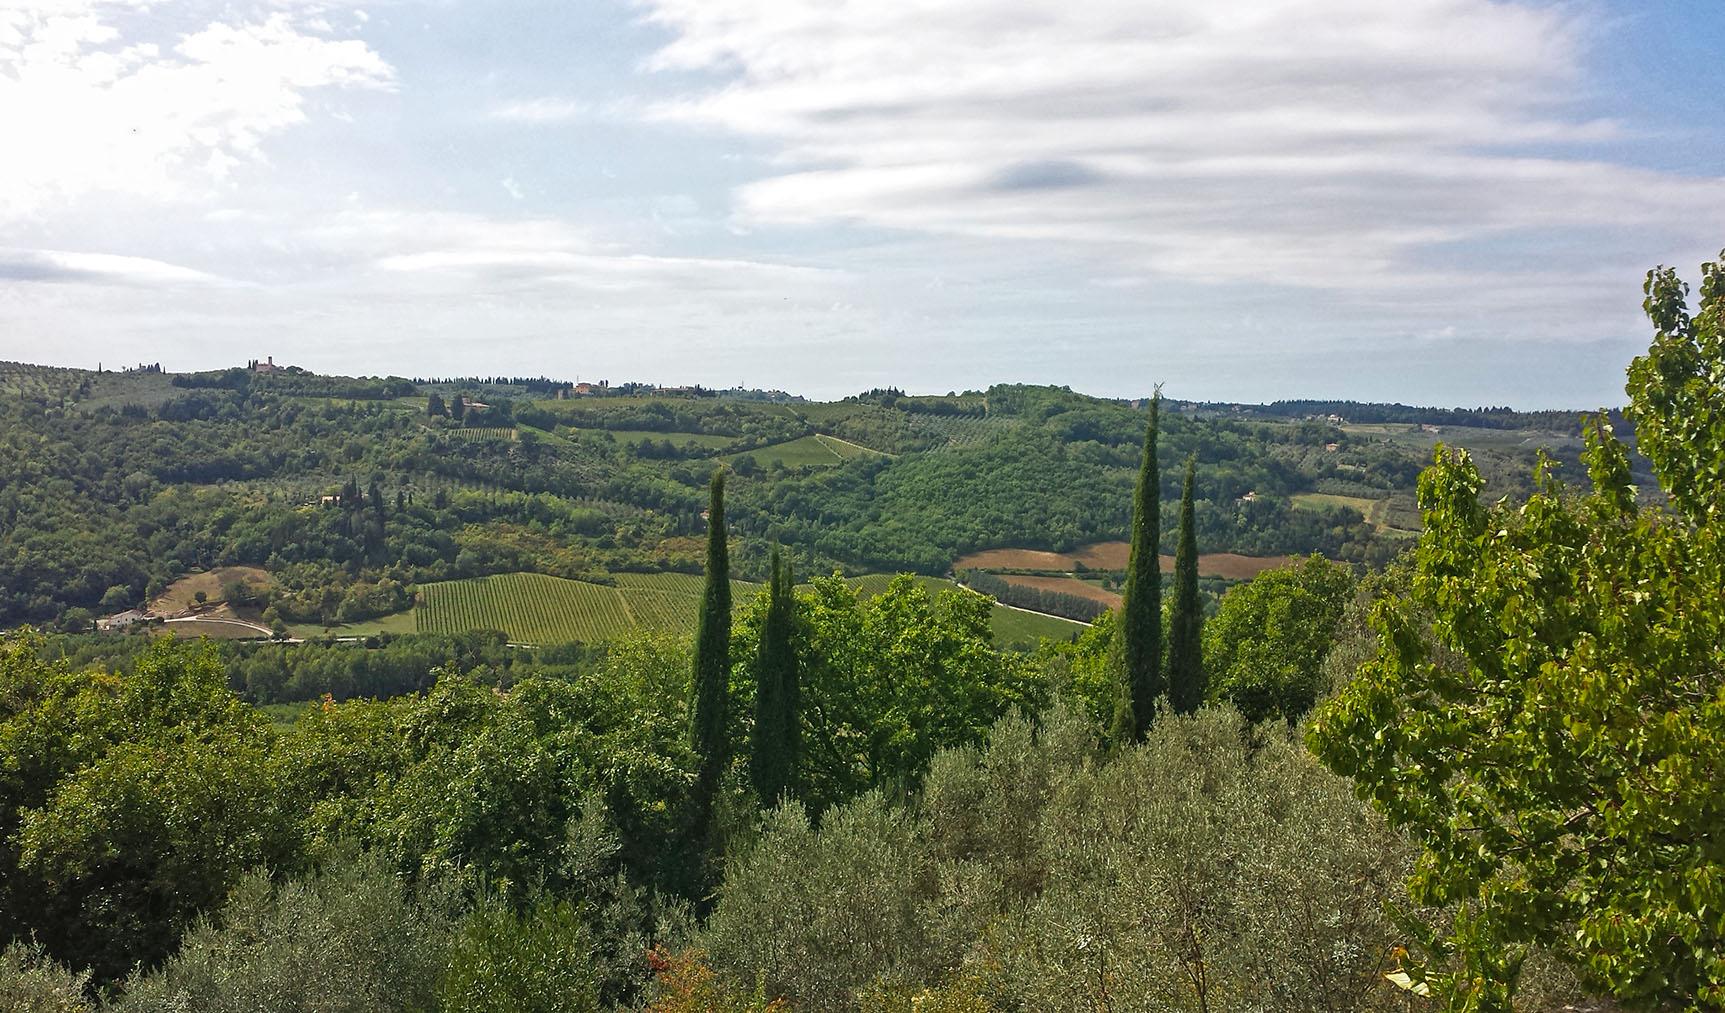 Castello-di-bibbione-landscape